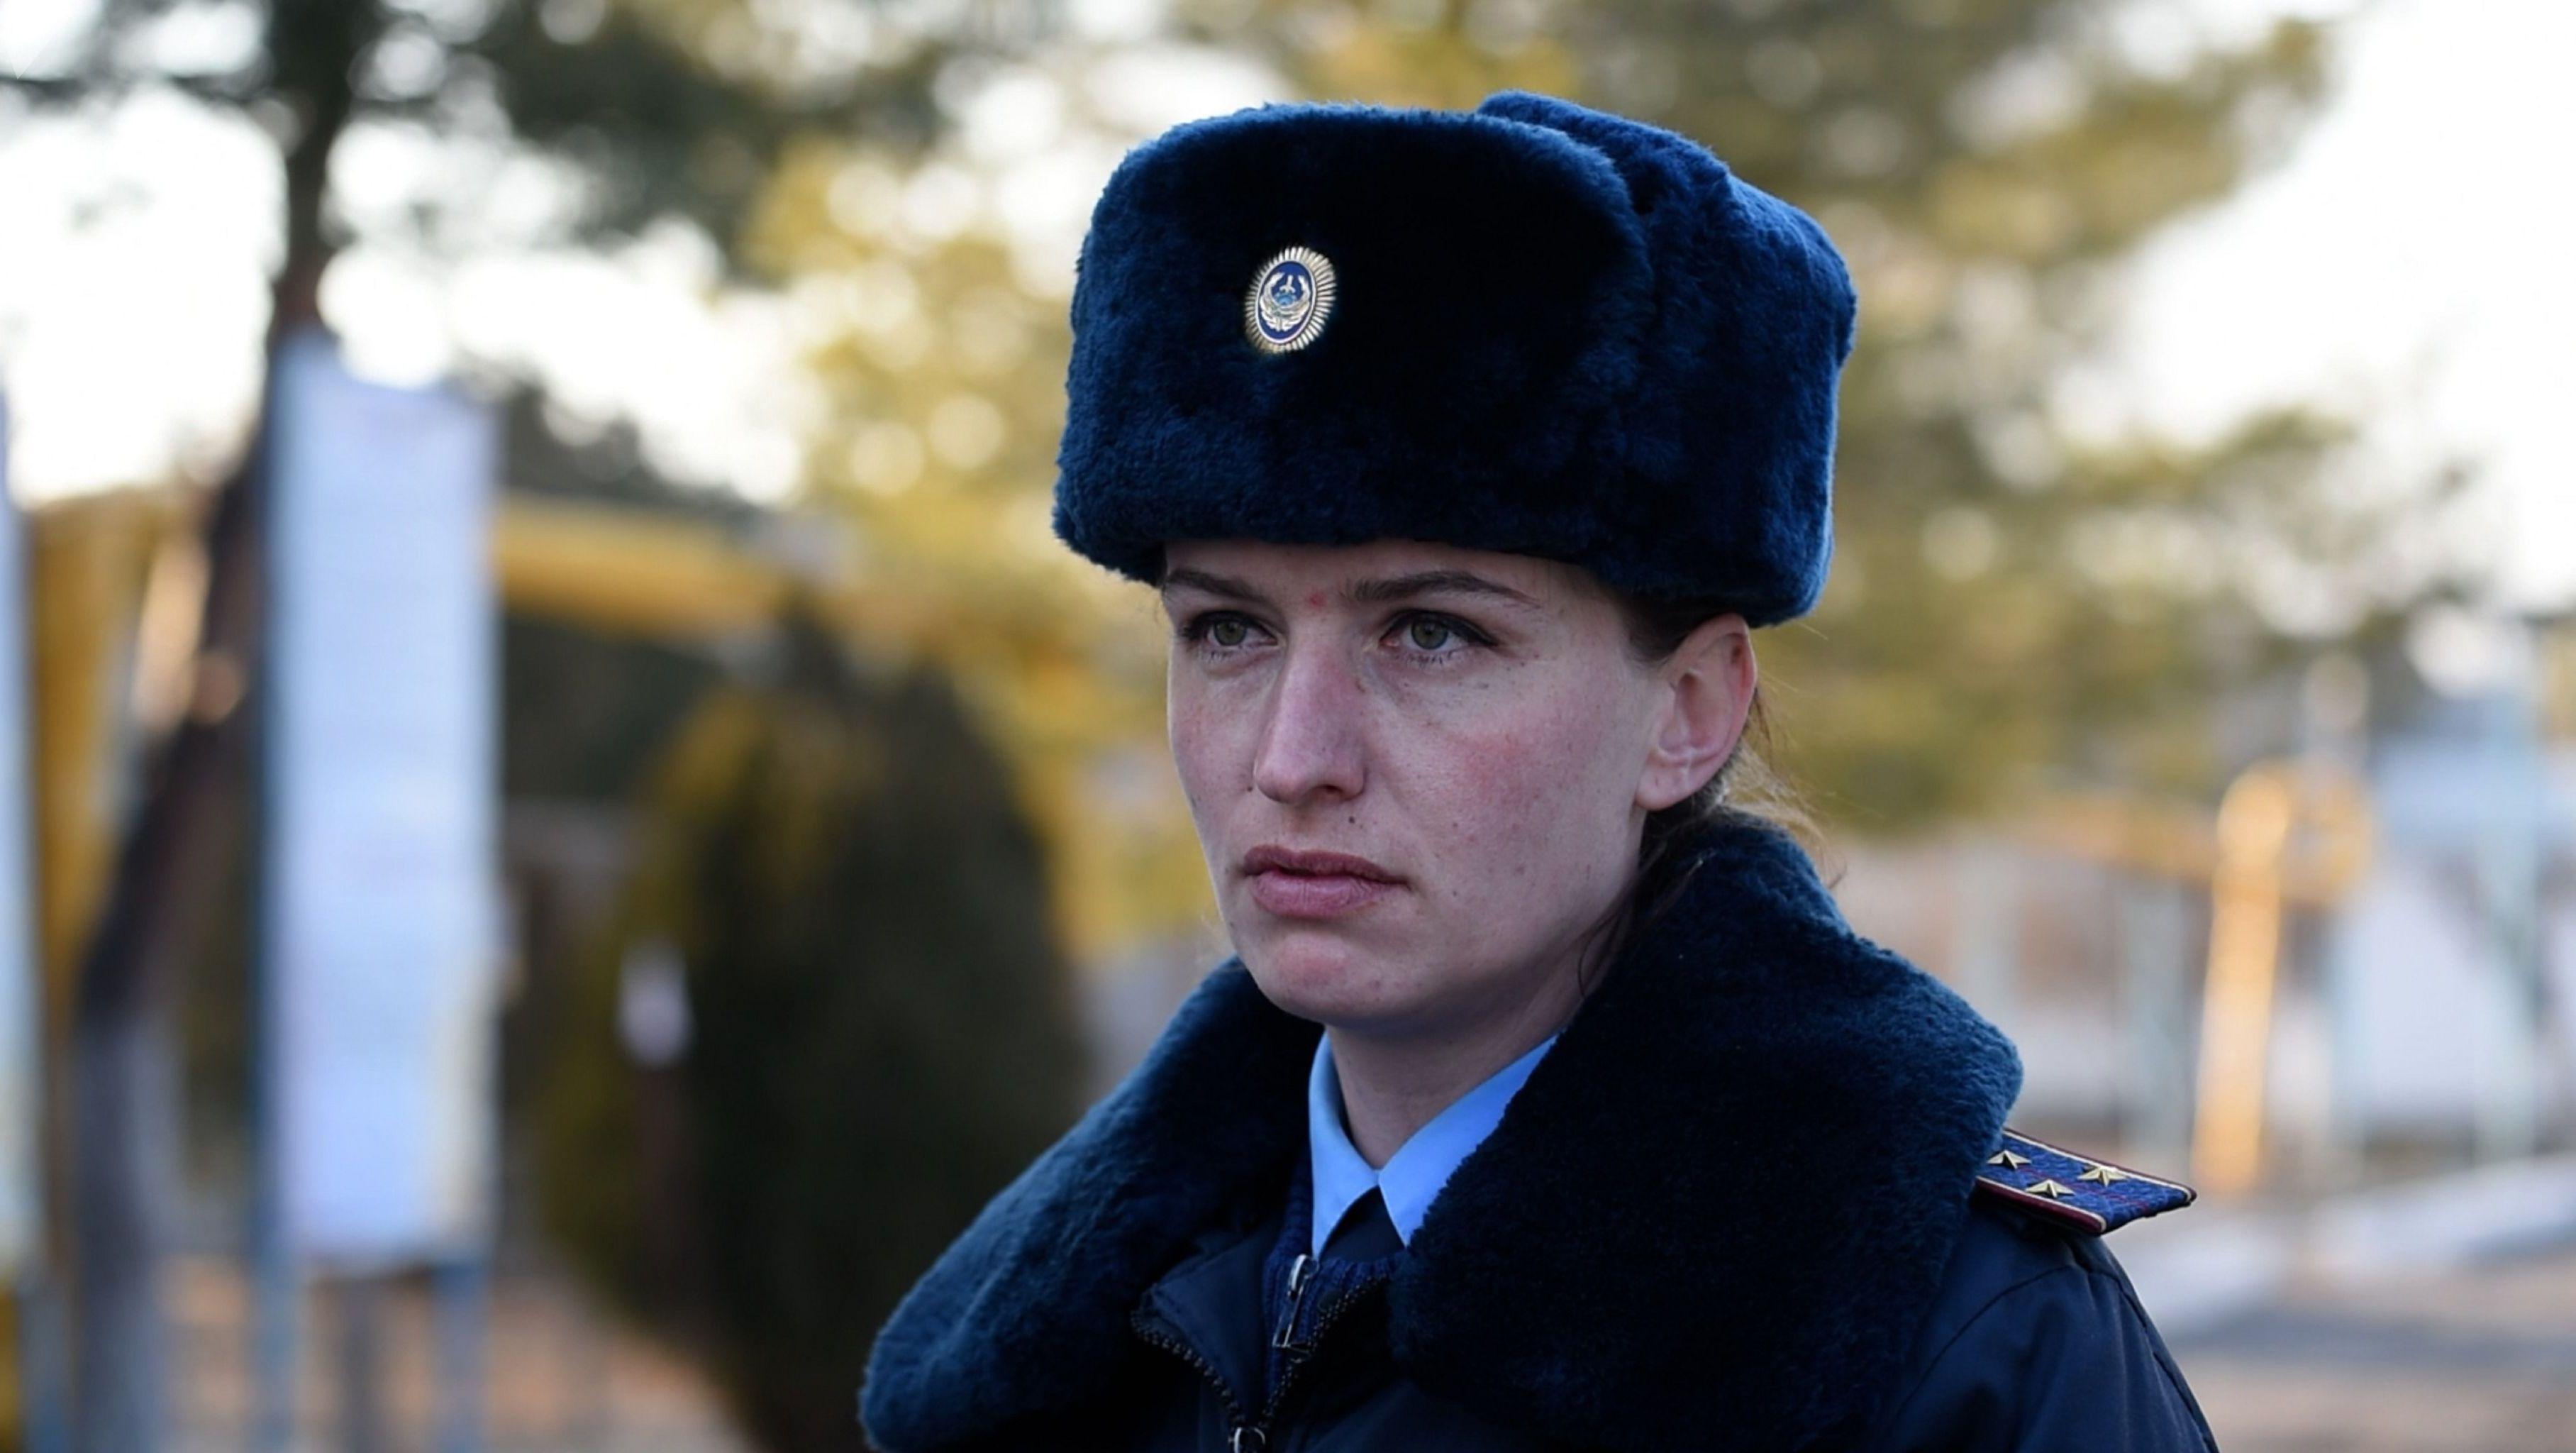 Екатерина Бисембаева - оперуполномоченный режимного отдела исправительной учреждения ЛА 155/4